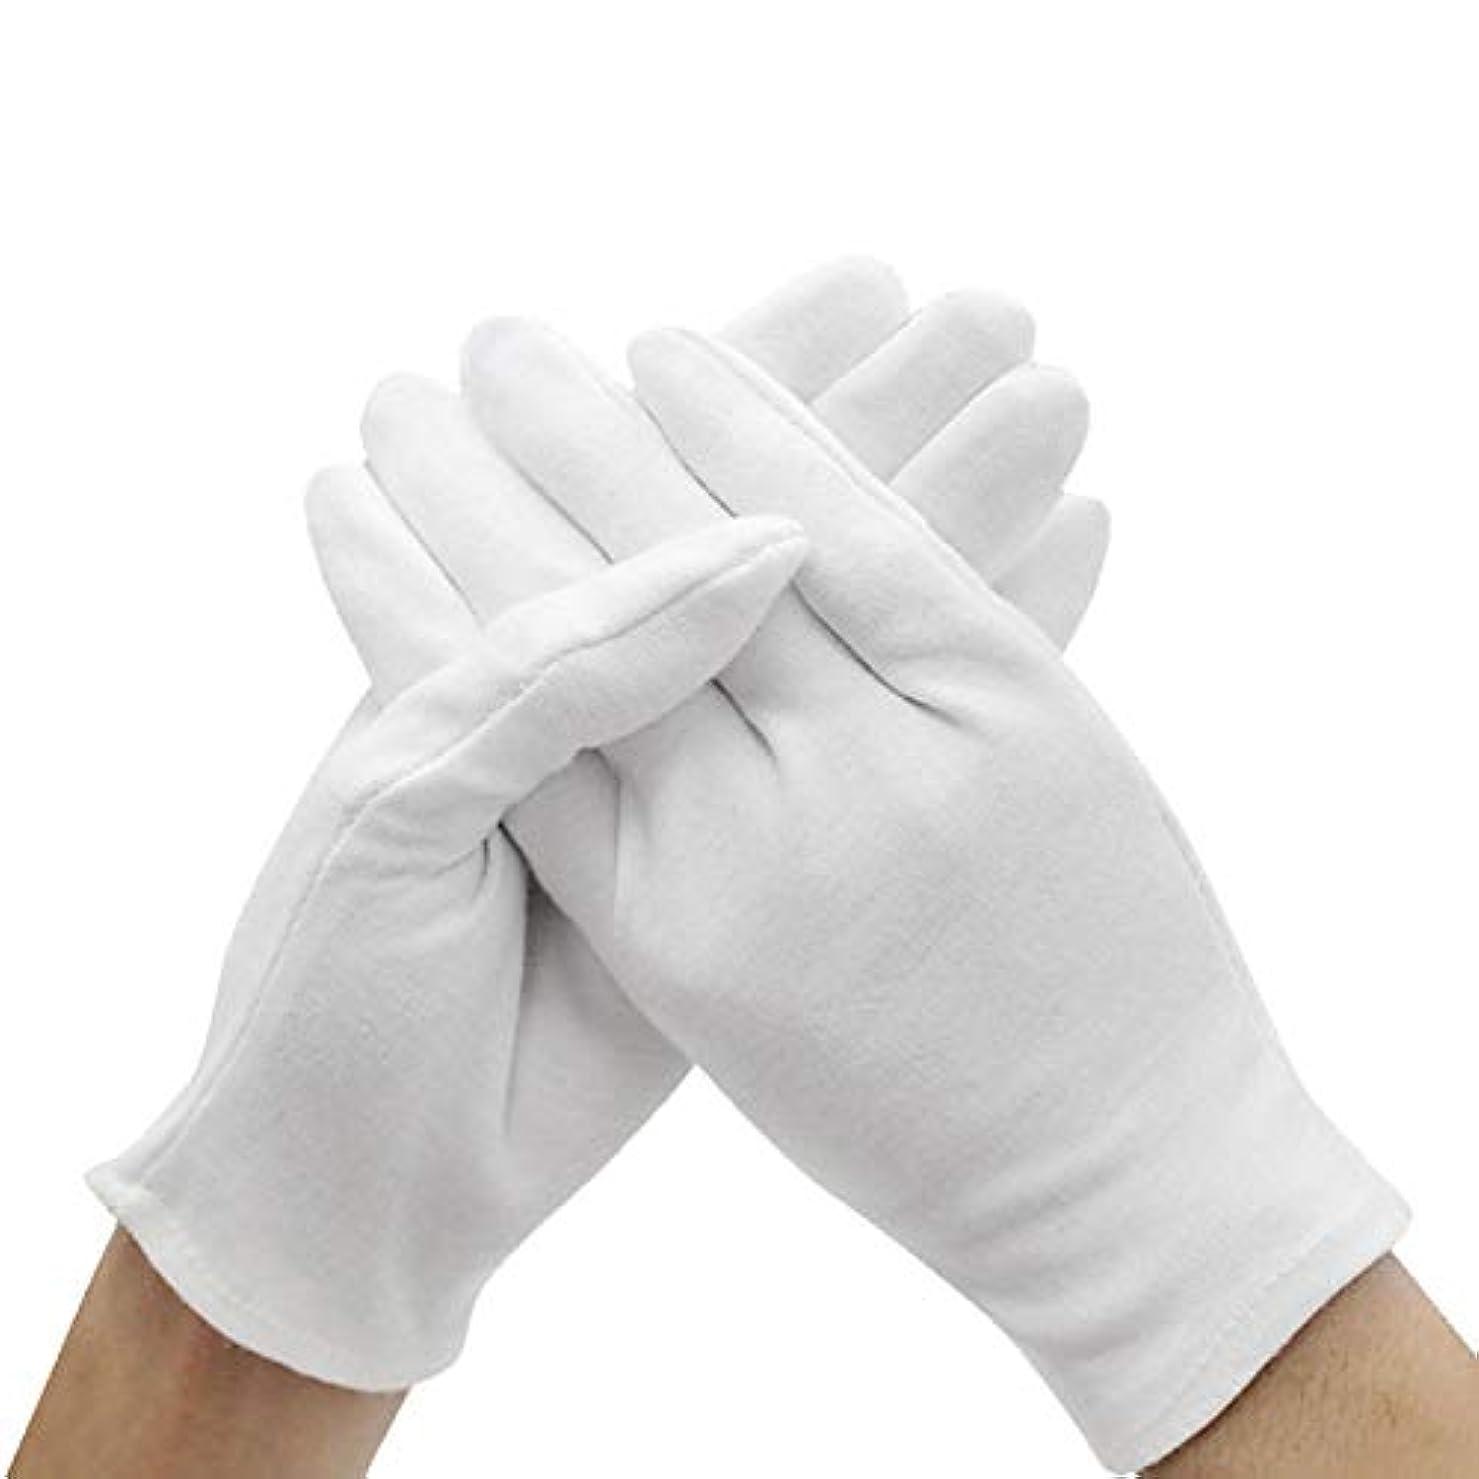 しなければならない接ぎ木解読するコットン手袋 綿 手荒れ予防 【湿疹用 乾燥肌用 保湿用 礼装用】純綿100% 白手袋 作業用 インナー手袋,ワンサイズ,エチケットの機会